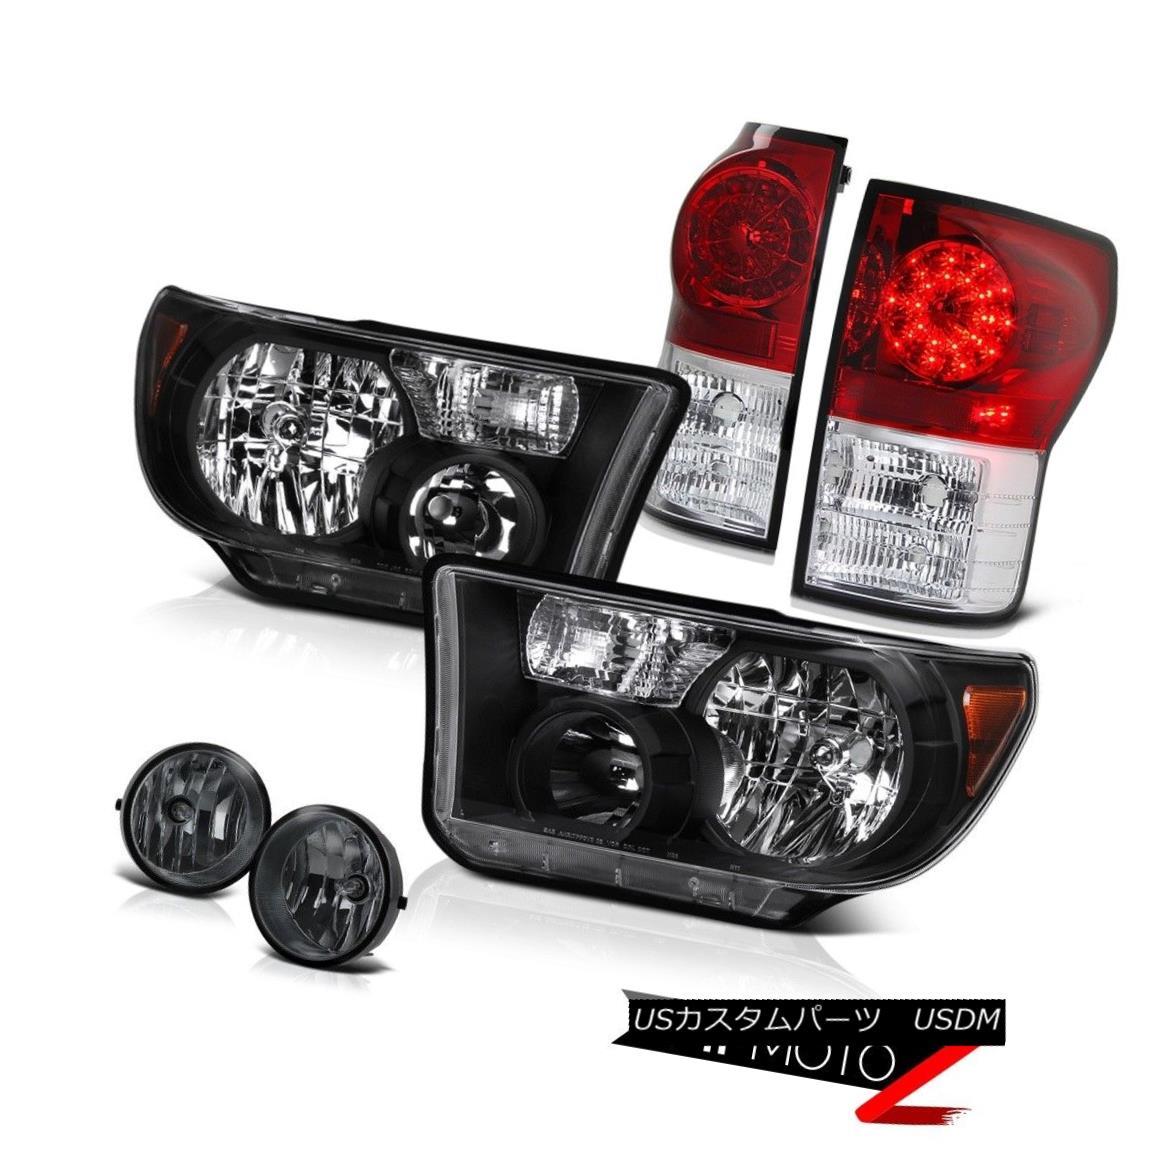 テールライト 07-13 Toyota Tundra SR5 Truck Black L+R Headlight+Led Tail Light+Smoke Fog Lamp 07-13トヨタトンドラSR5トラックブラックL + Rヘッドライト+ Ledテールライト+スモークフォグランプ